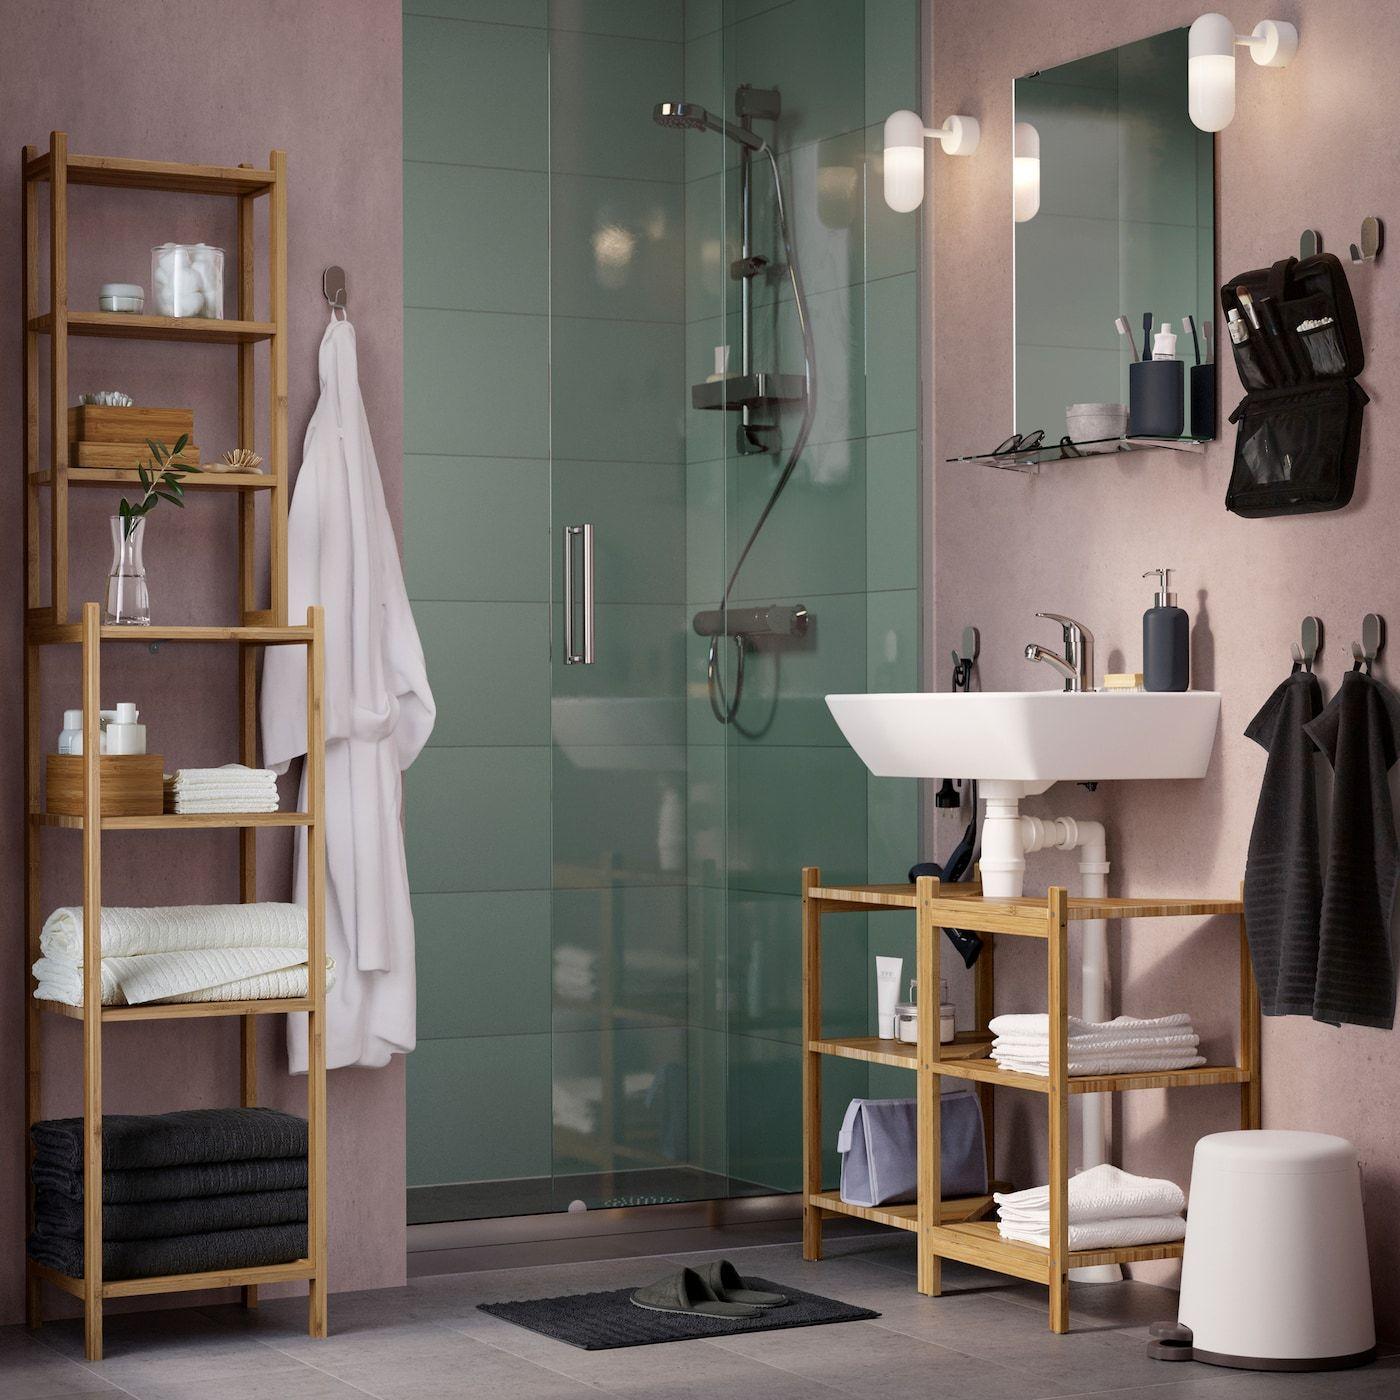 29+ Ensemble salle de bain ikea ideas